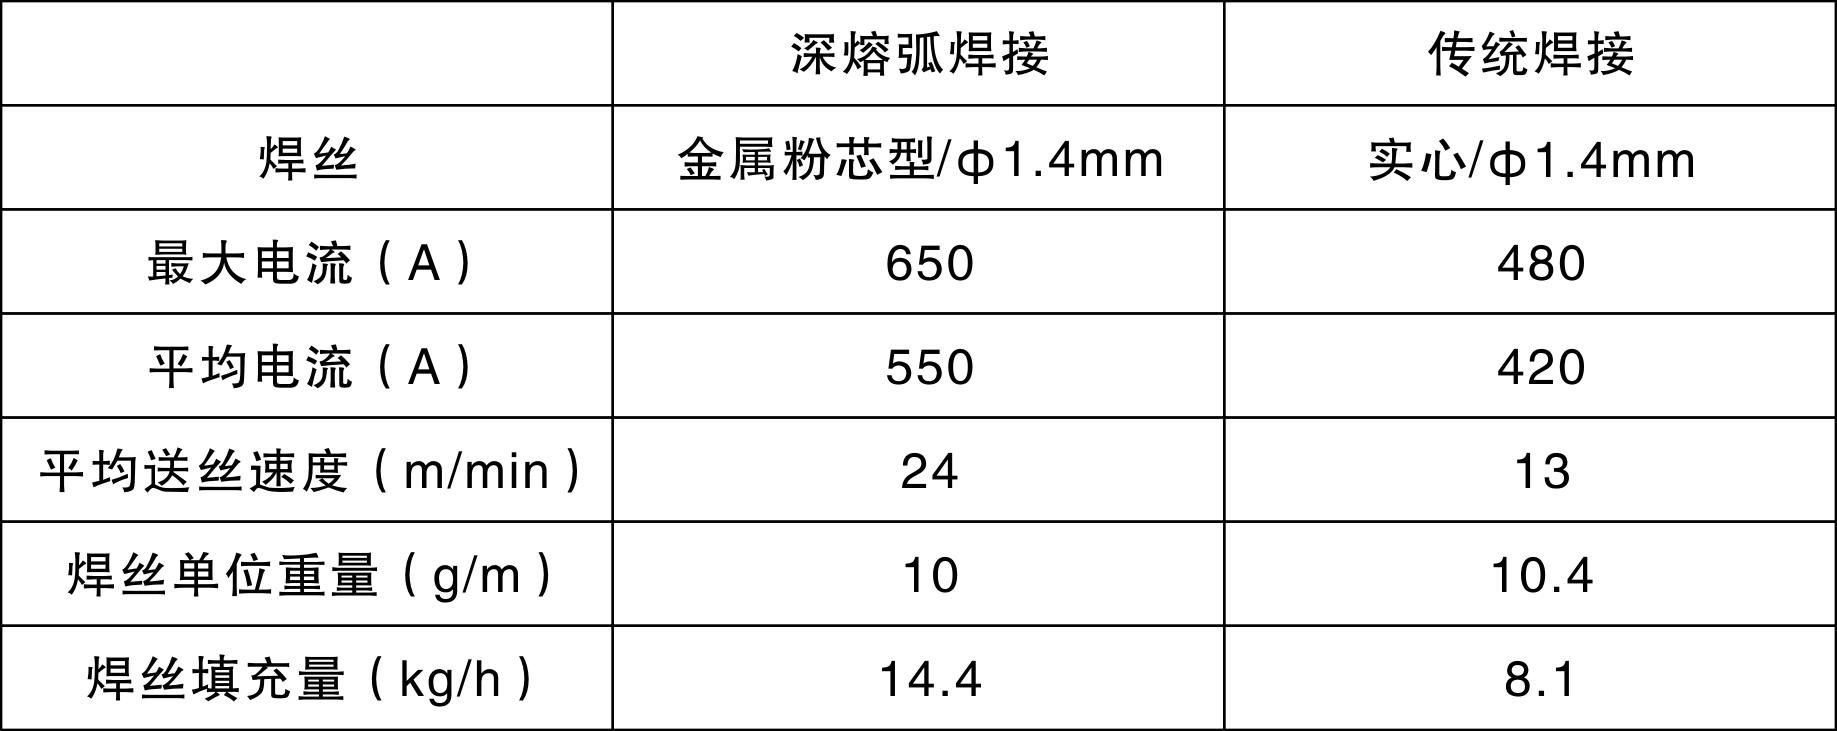 焊接效率对比.png